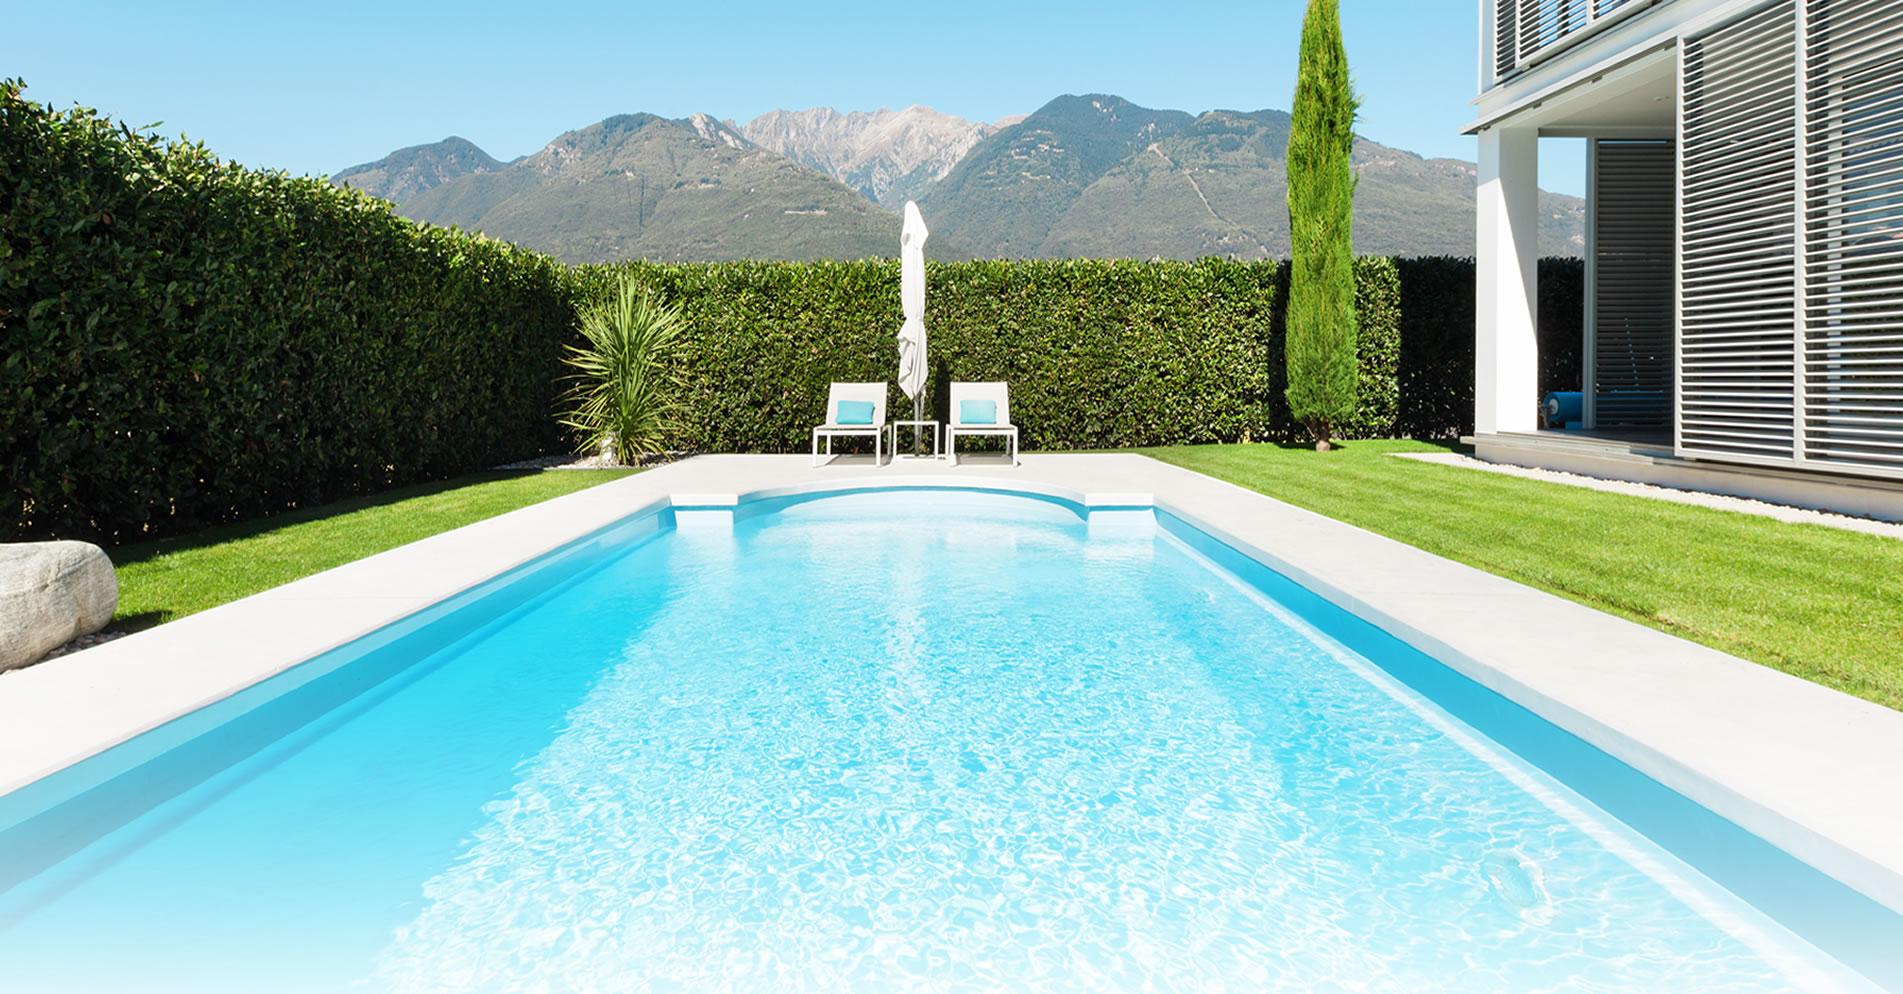 Mantenimiento de piscinas mantenimiento de jardines for Mantenimiento de piscinas madrid